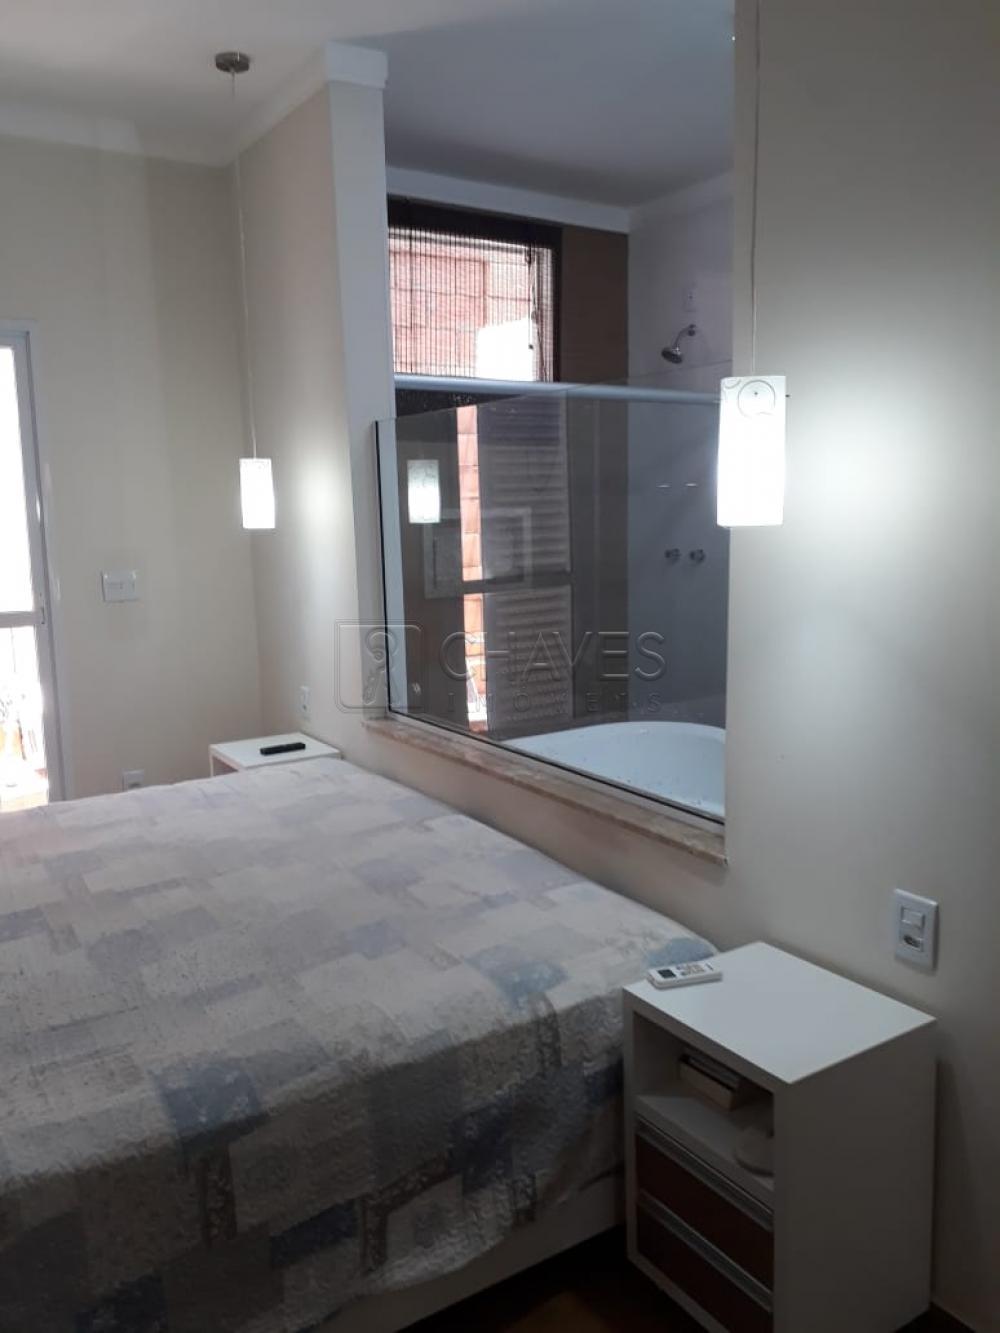 Comprar Casa / Condomínio em Ribeirão Preto apenas R$ 730.000,00 - Foto 10